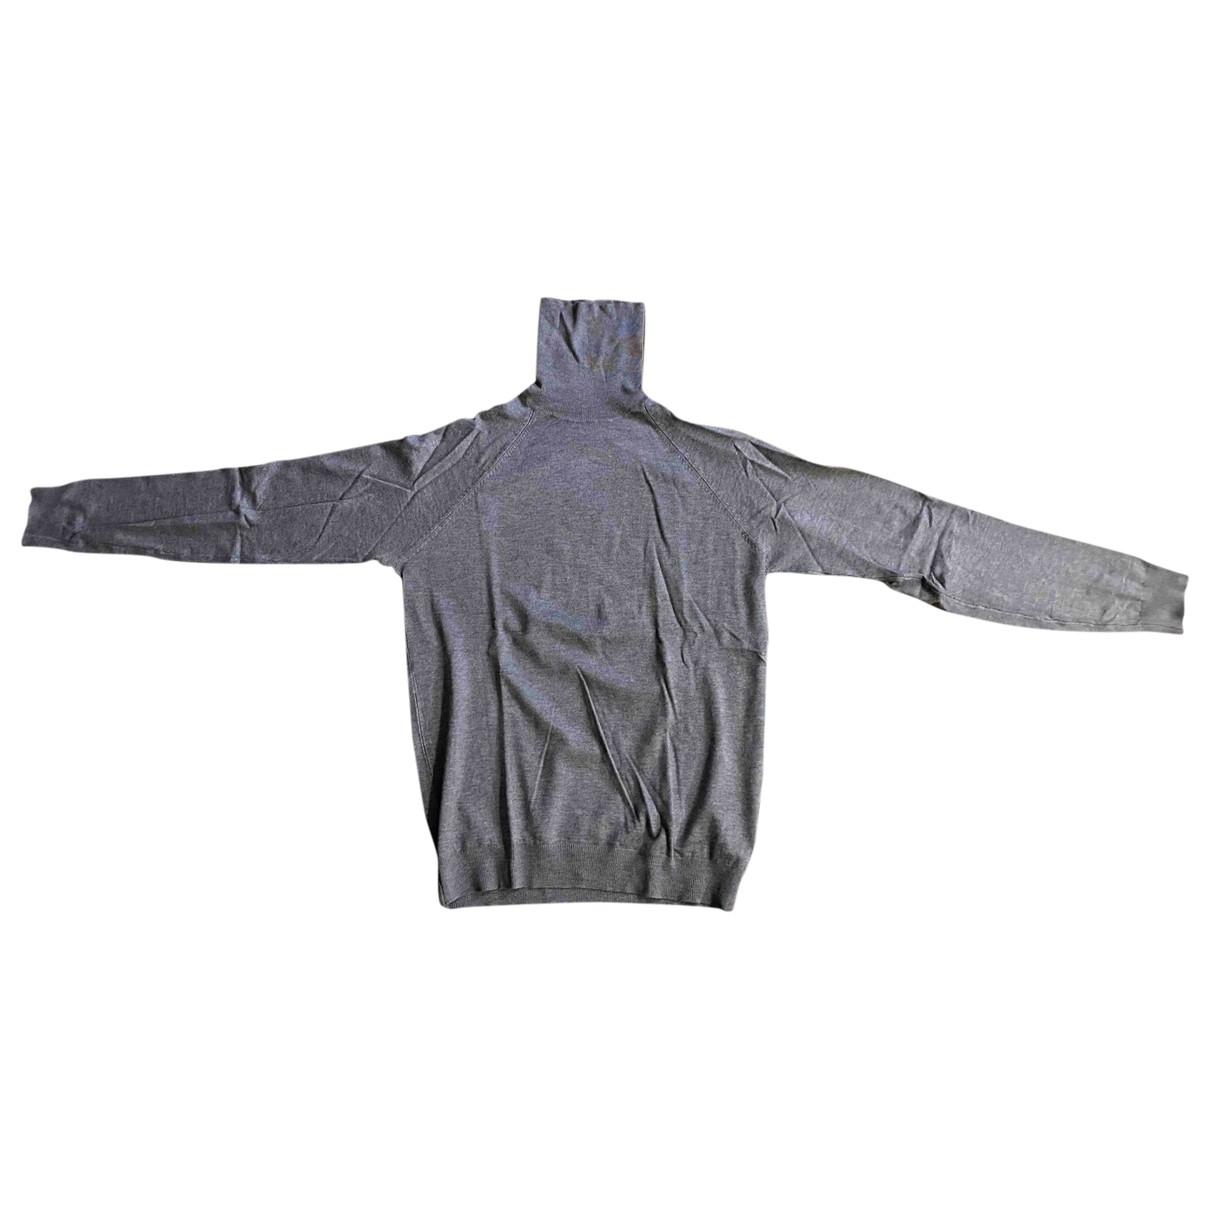 Zara \N Grey Cotton Knitwear & Sweatshirts for Men S International